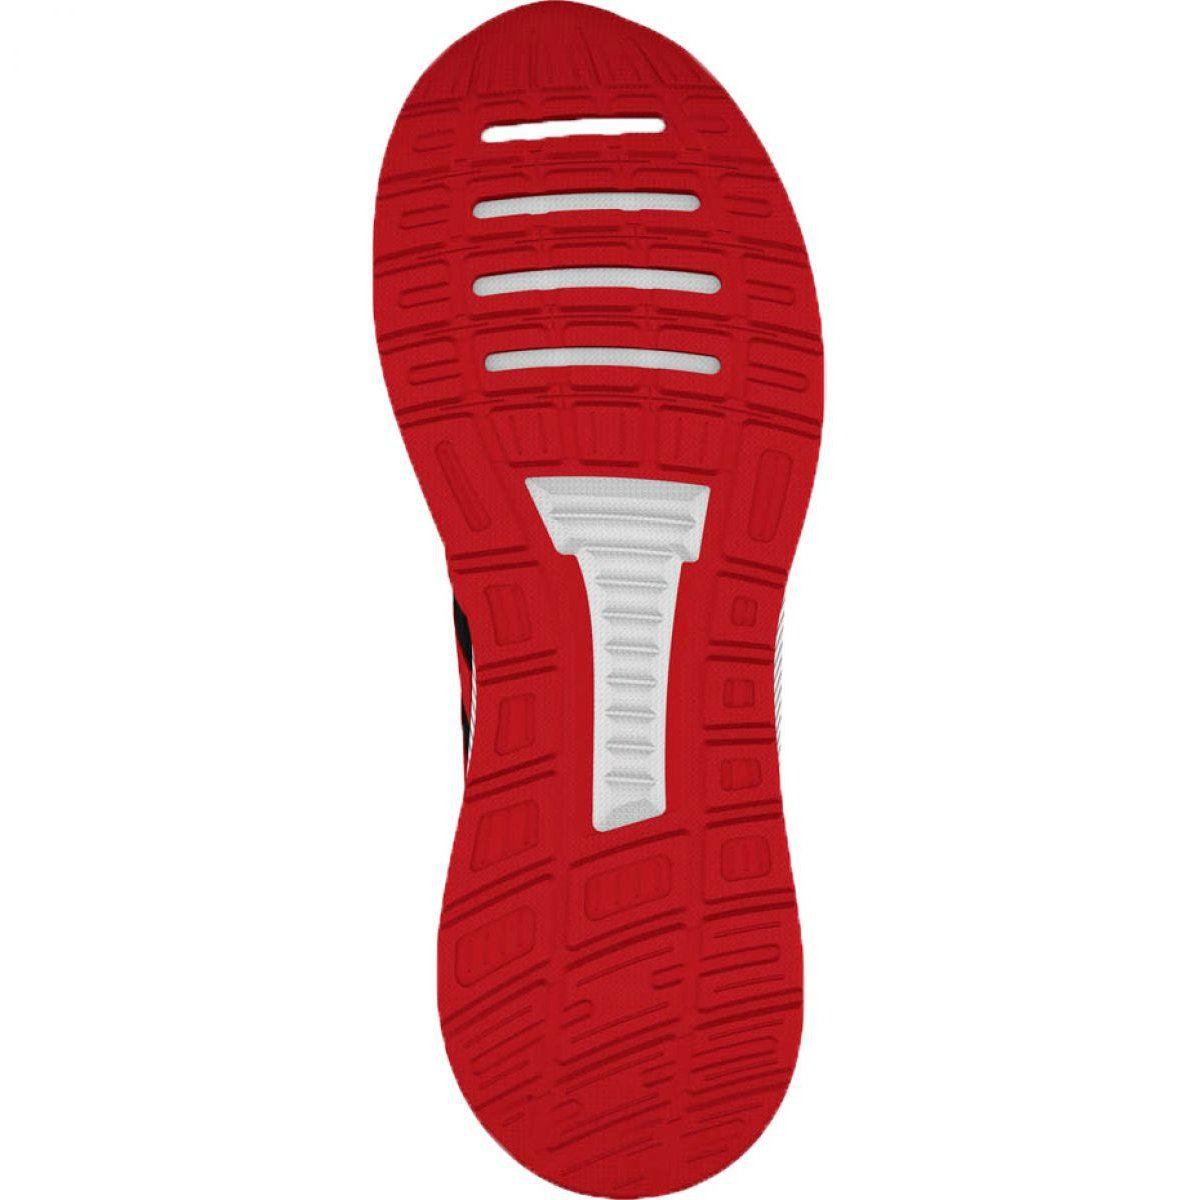 Buty Biegowe Adidas Runfalcon M G28910 Czarne Adidas Running Shoes Black Running Shoes Running Shoes